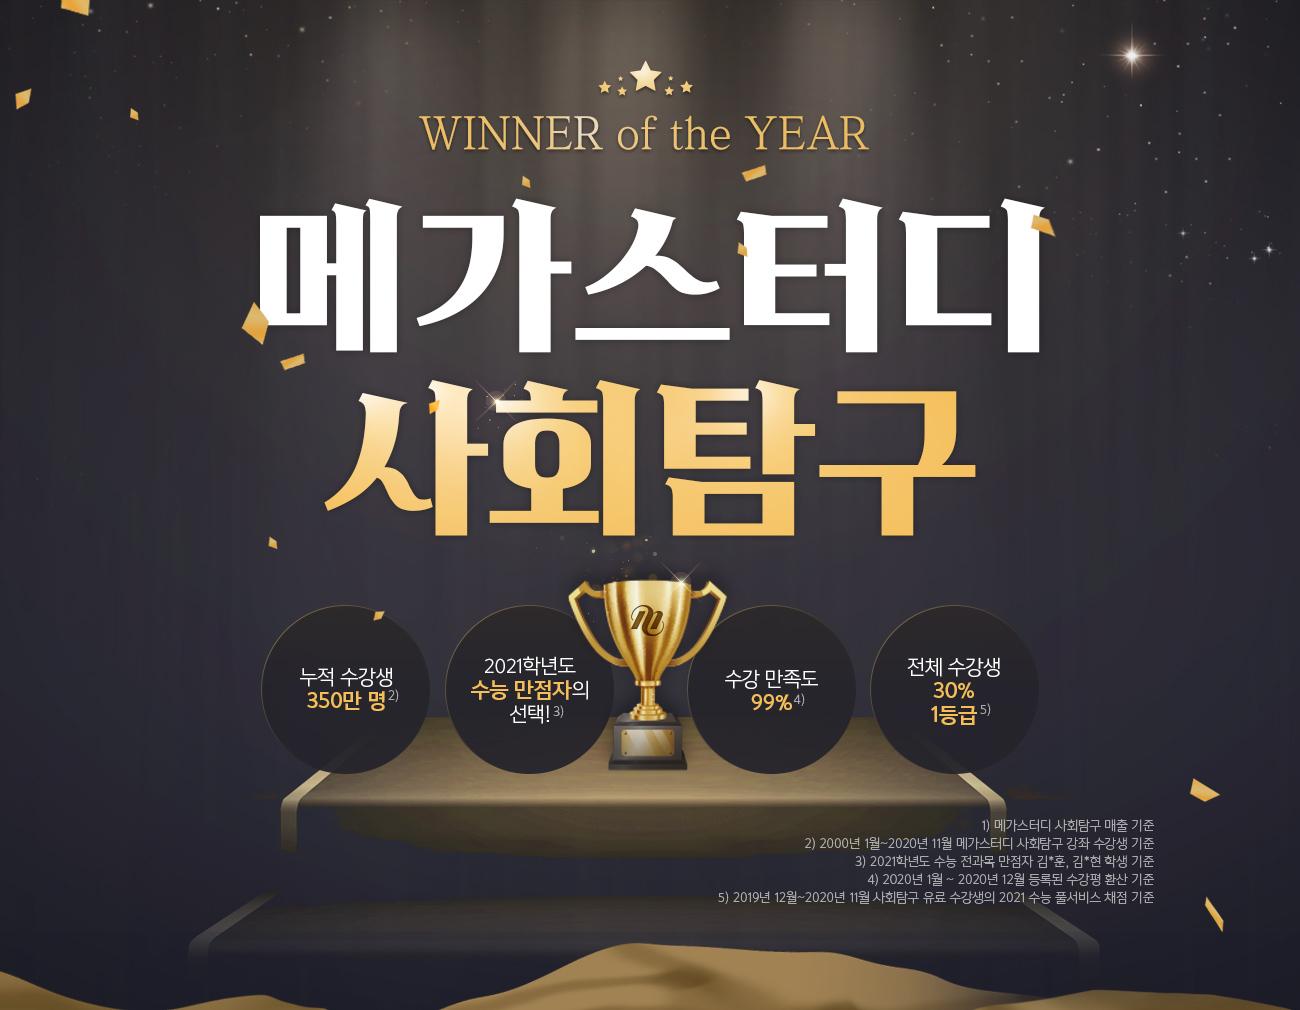 Winner of the Year 메가스터디 사회탐구